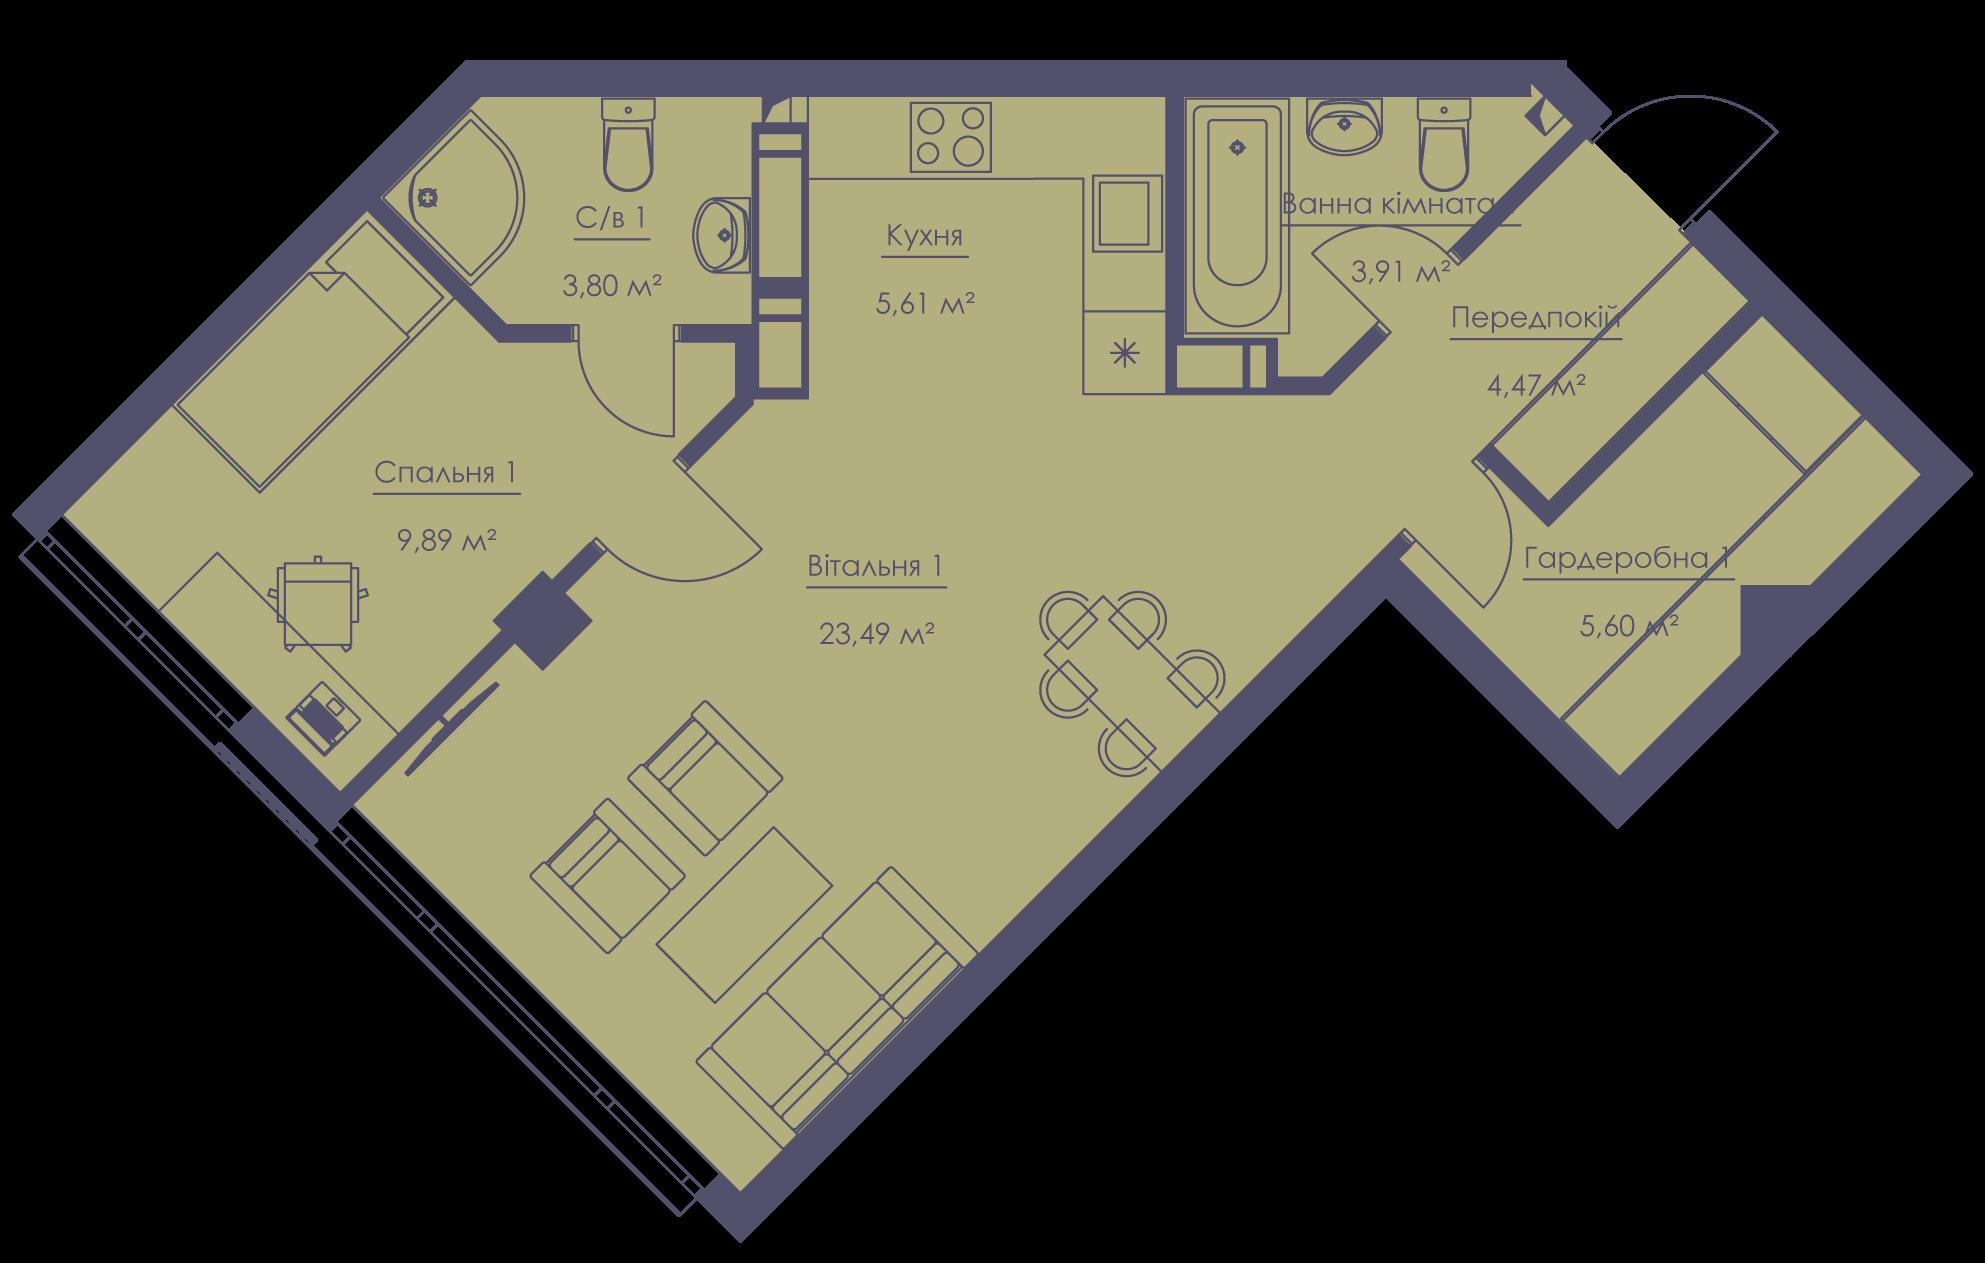 Apartment layout KV_72_2b_1_1_4-1